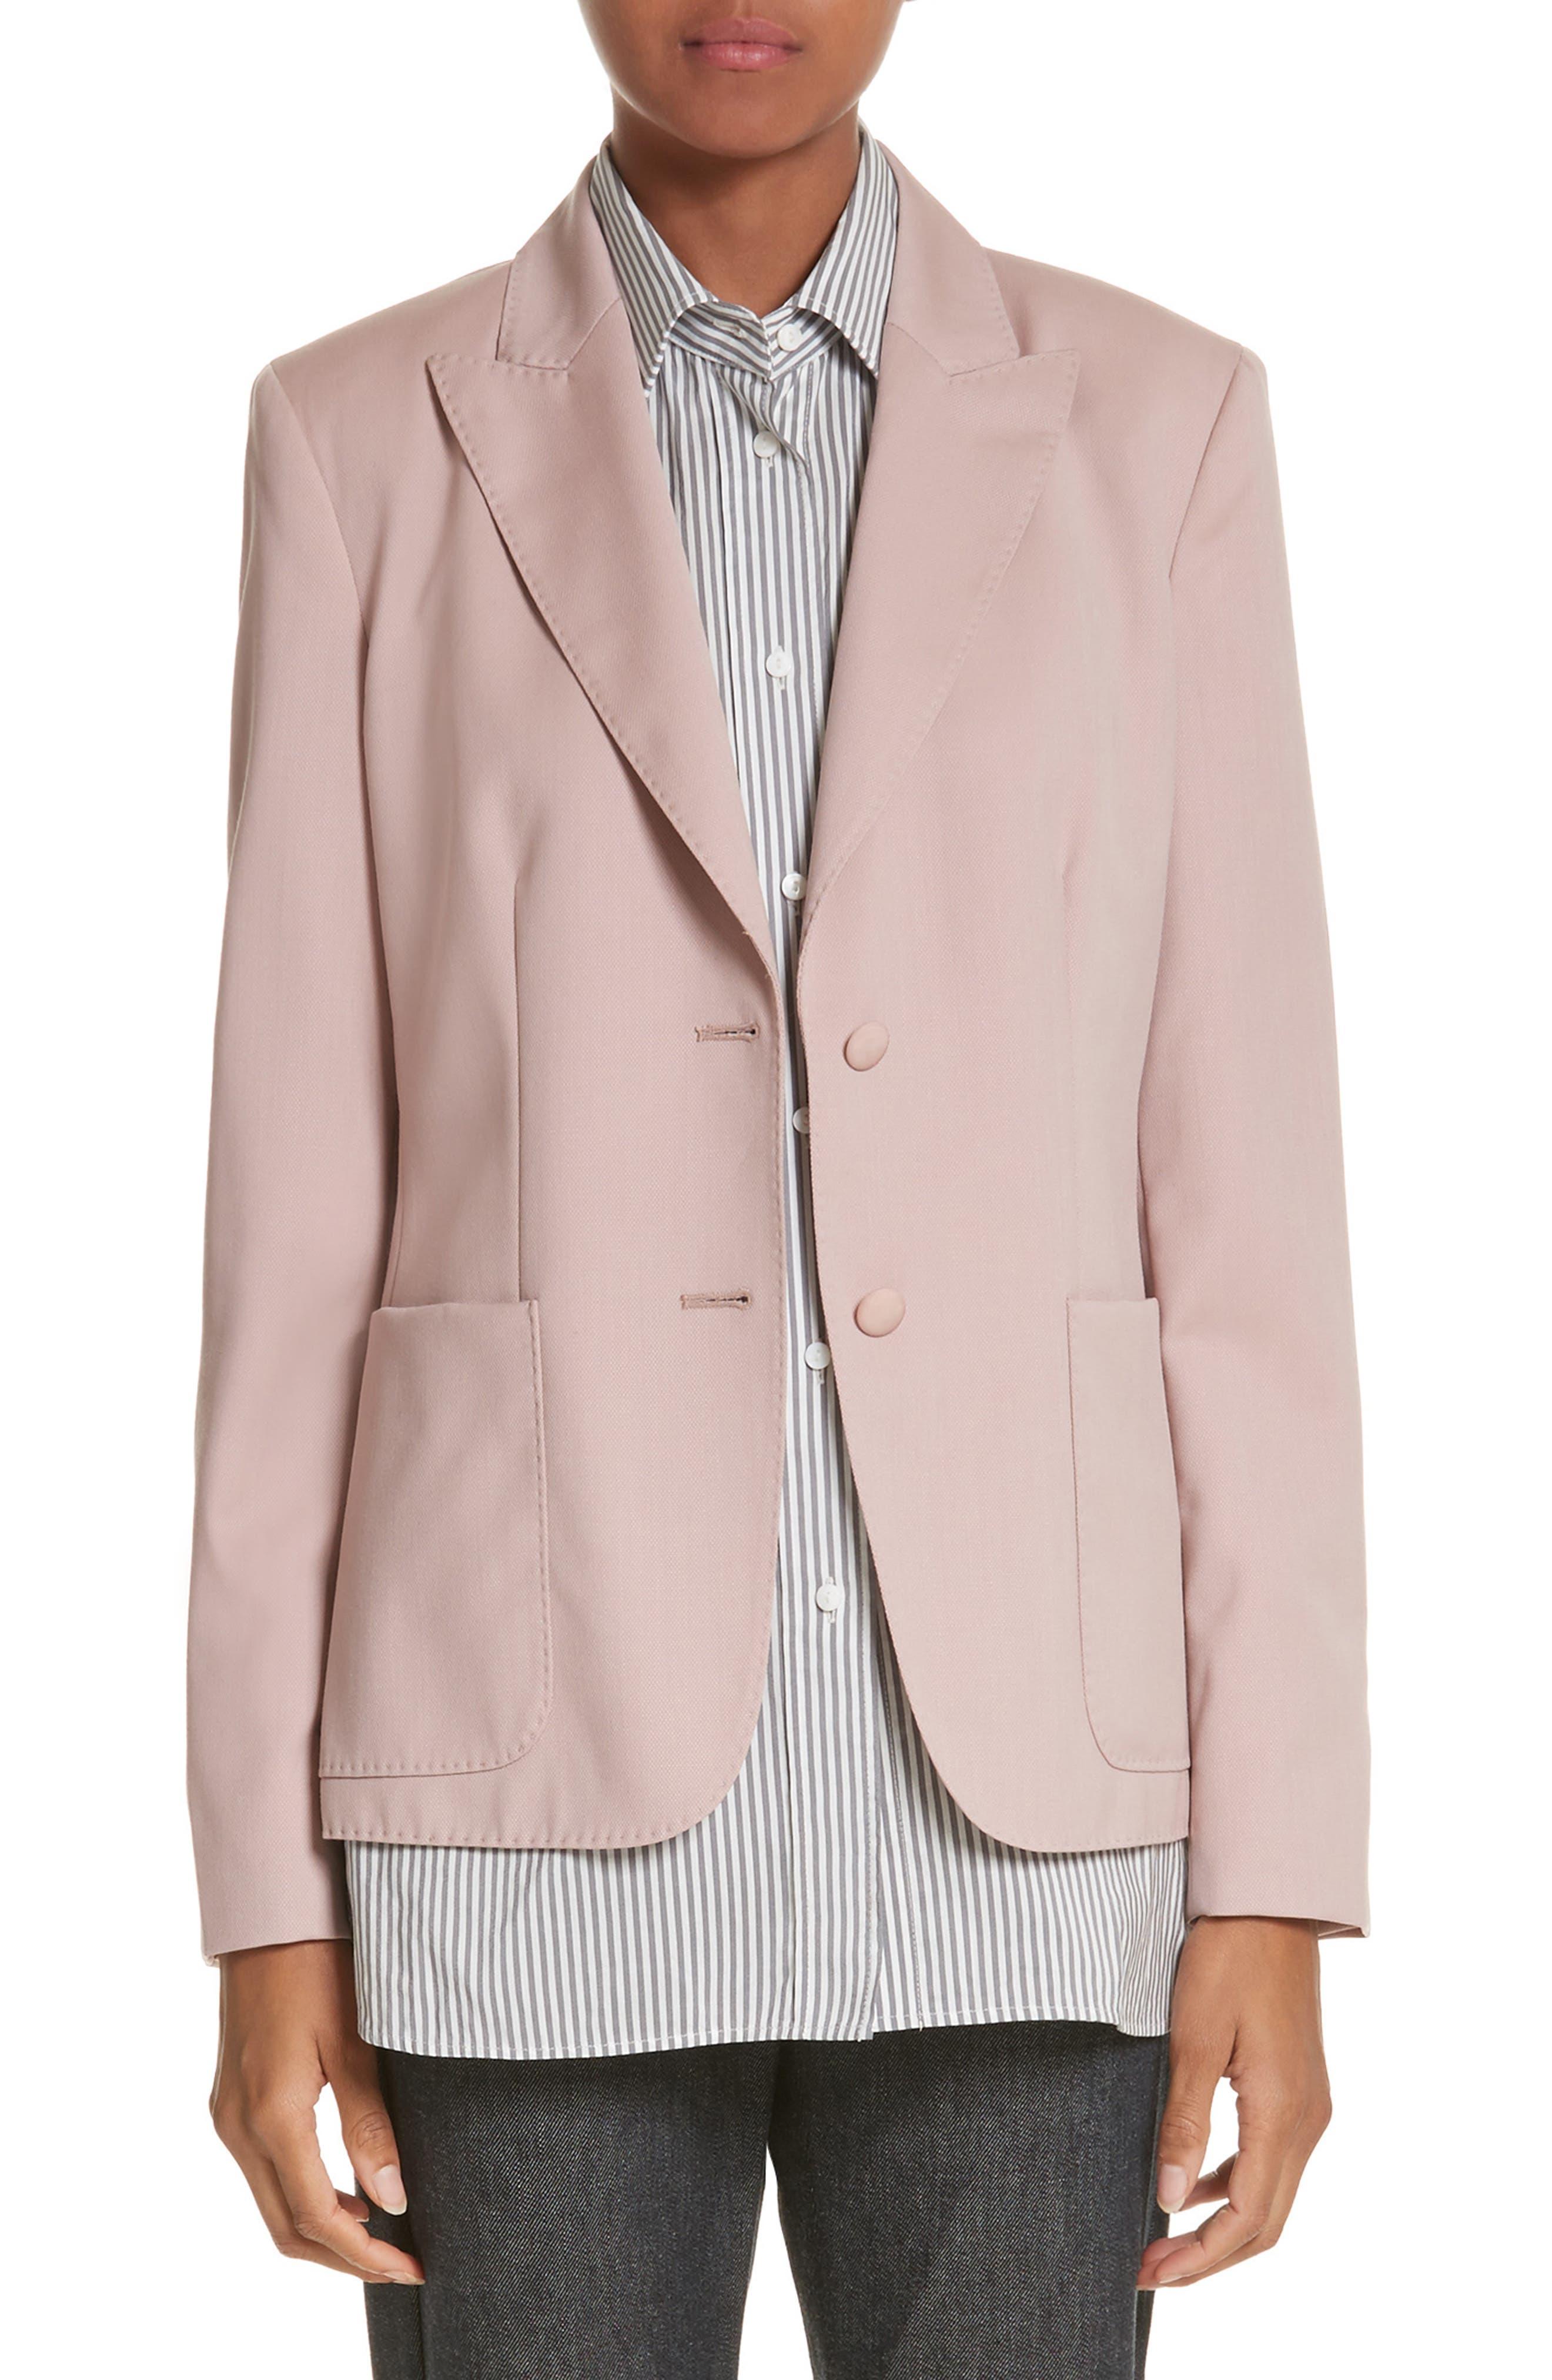 Panaro Wool Jacket,                             Main thumbnail 1, color,                             Blush